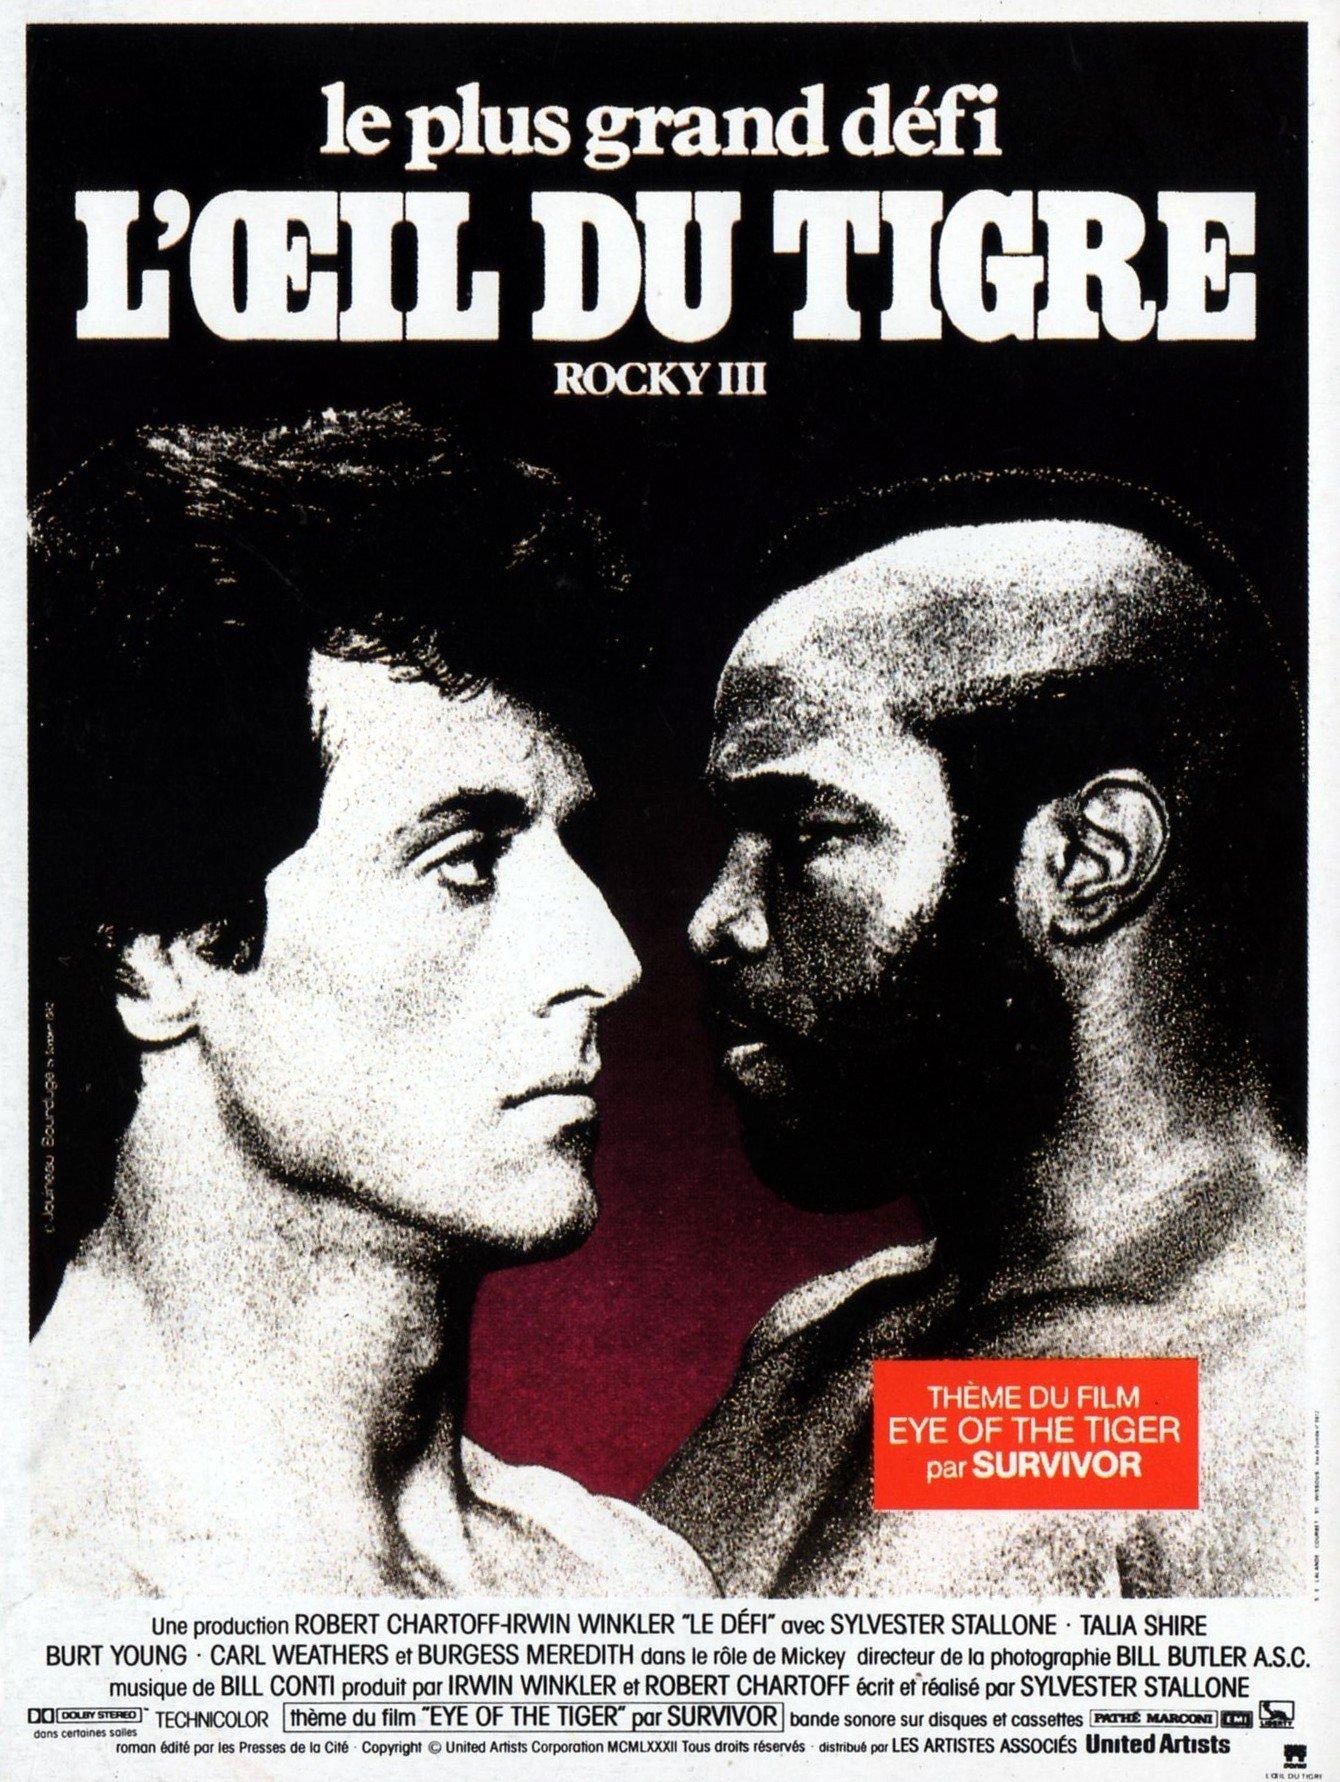 affiche du film Rocky III, l'œil du tigre